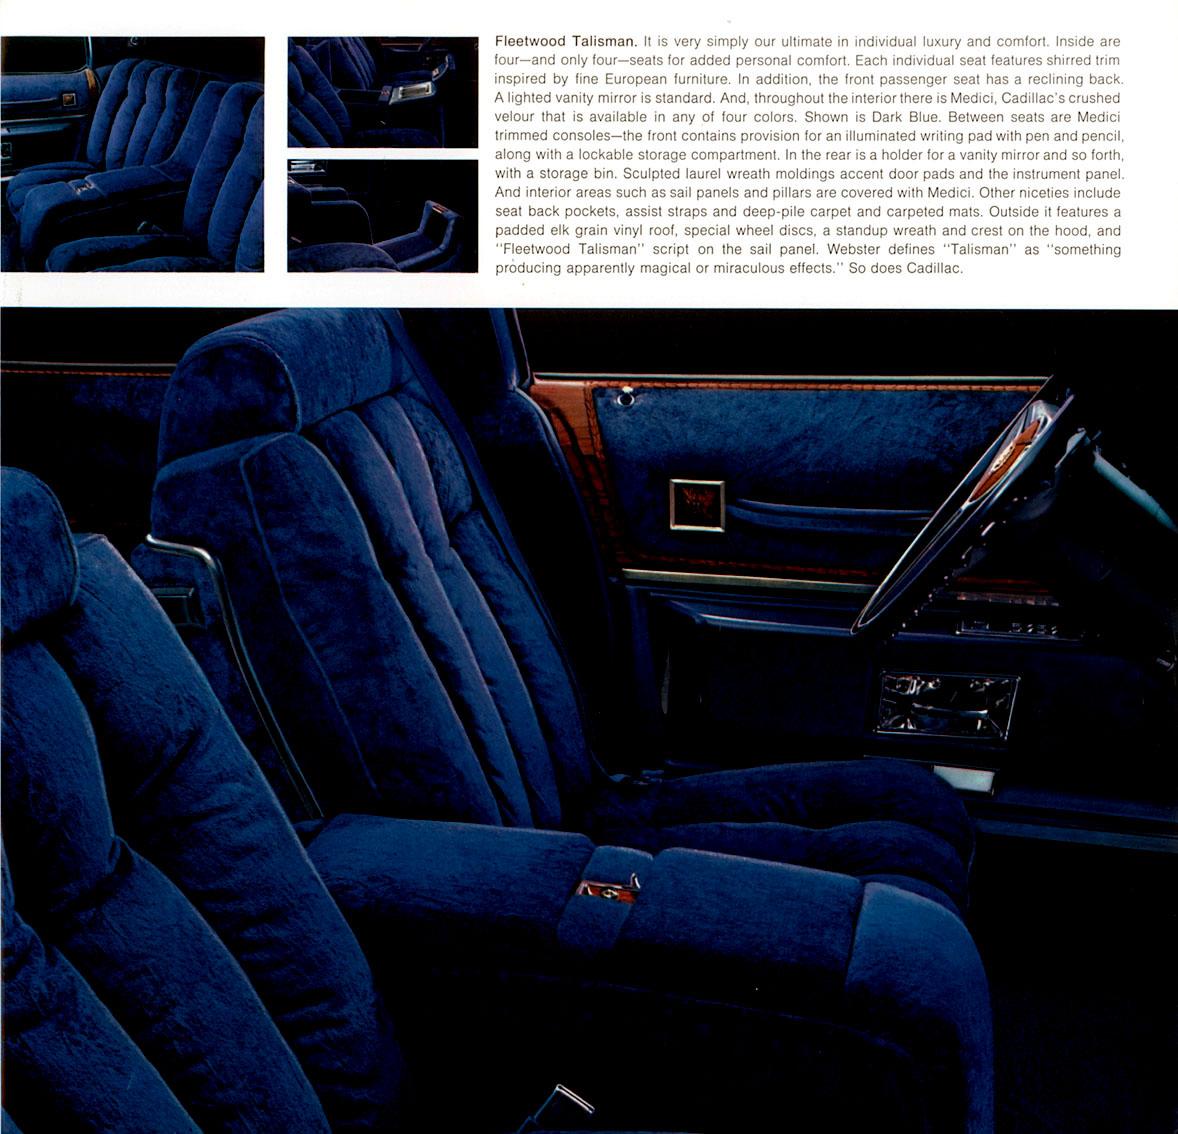 2013 Cadillac Ats 2.0 L Turbo >> 2013 Cadillac ATS 2.0L Turbo review notes | Get the latest car news, car reviews, auto show ...